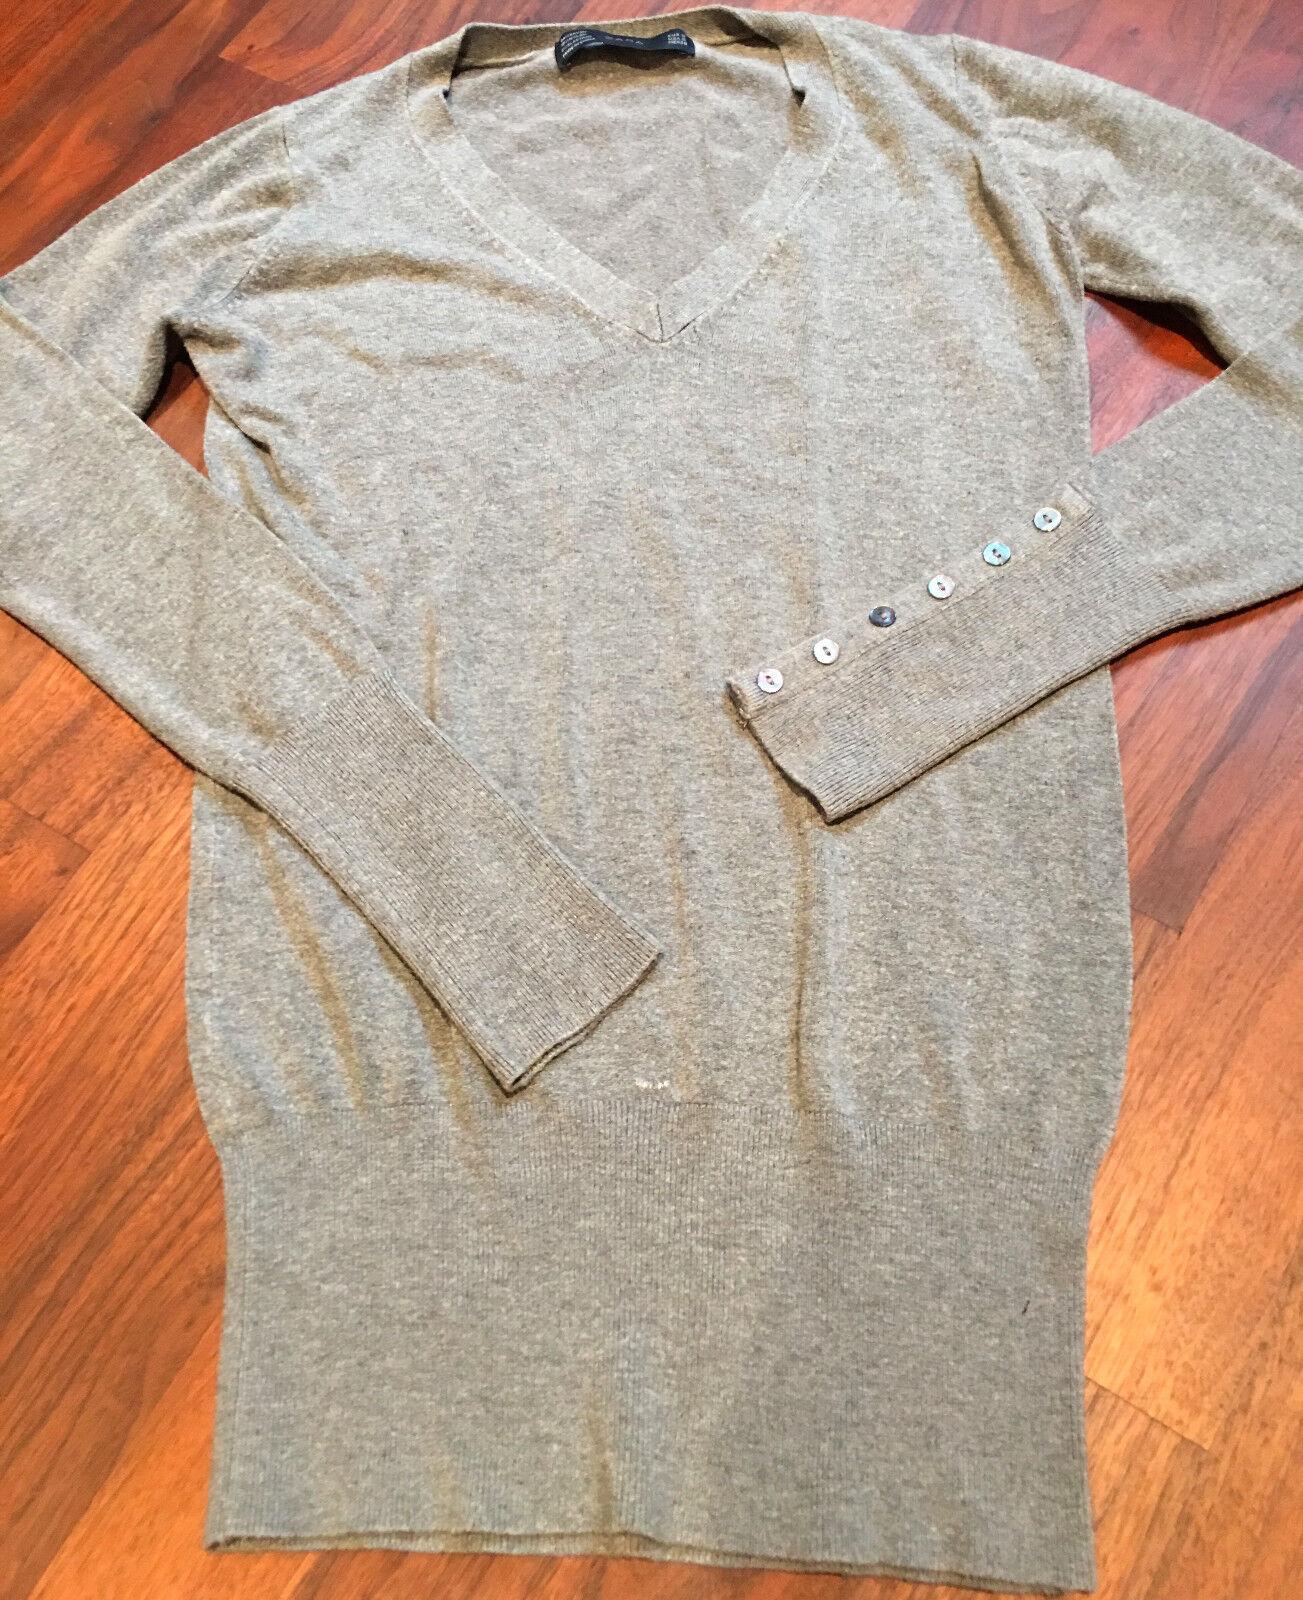 Zara eleganter Strick Pullover Pulli für Damen in grau Gr. S